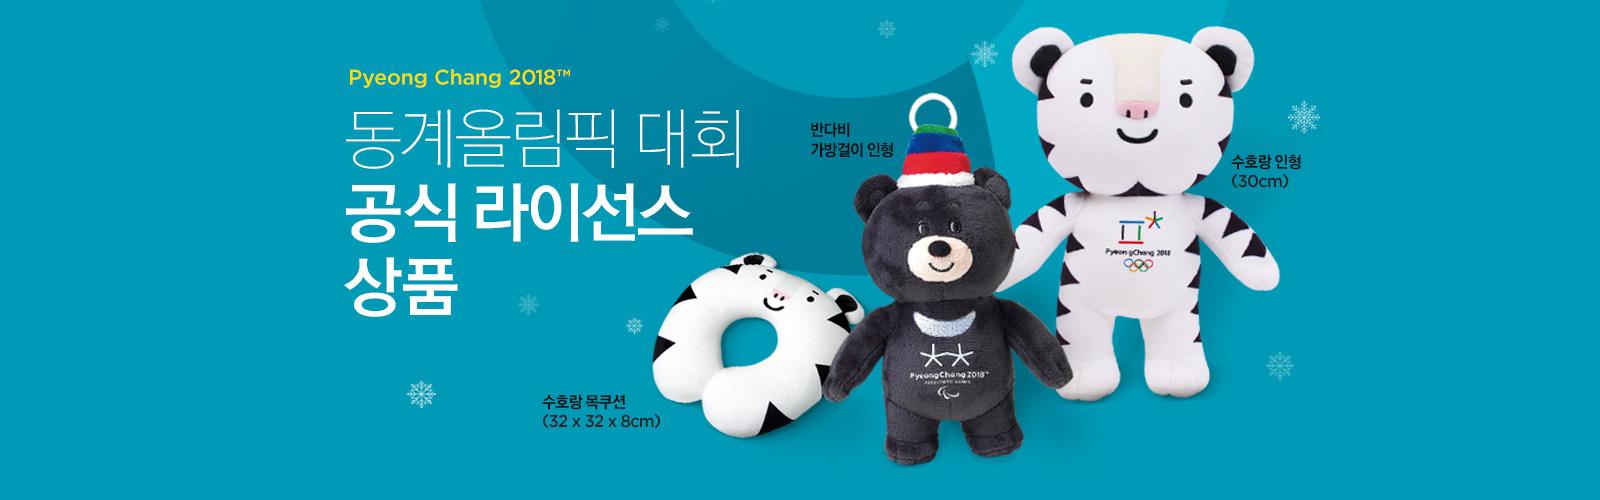 2018 평창 동계 올림픽대회 공식 라이선스 상품전